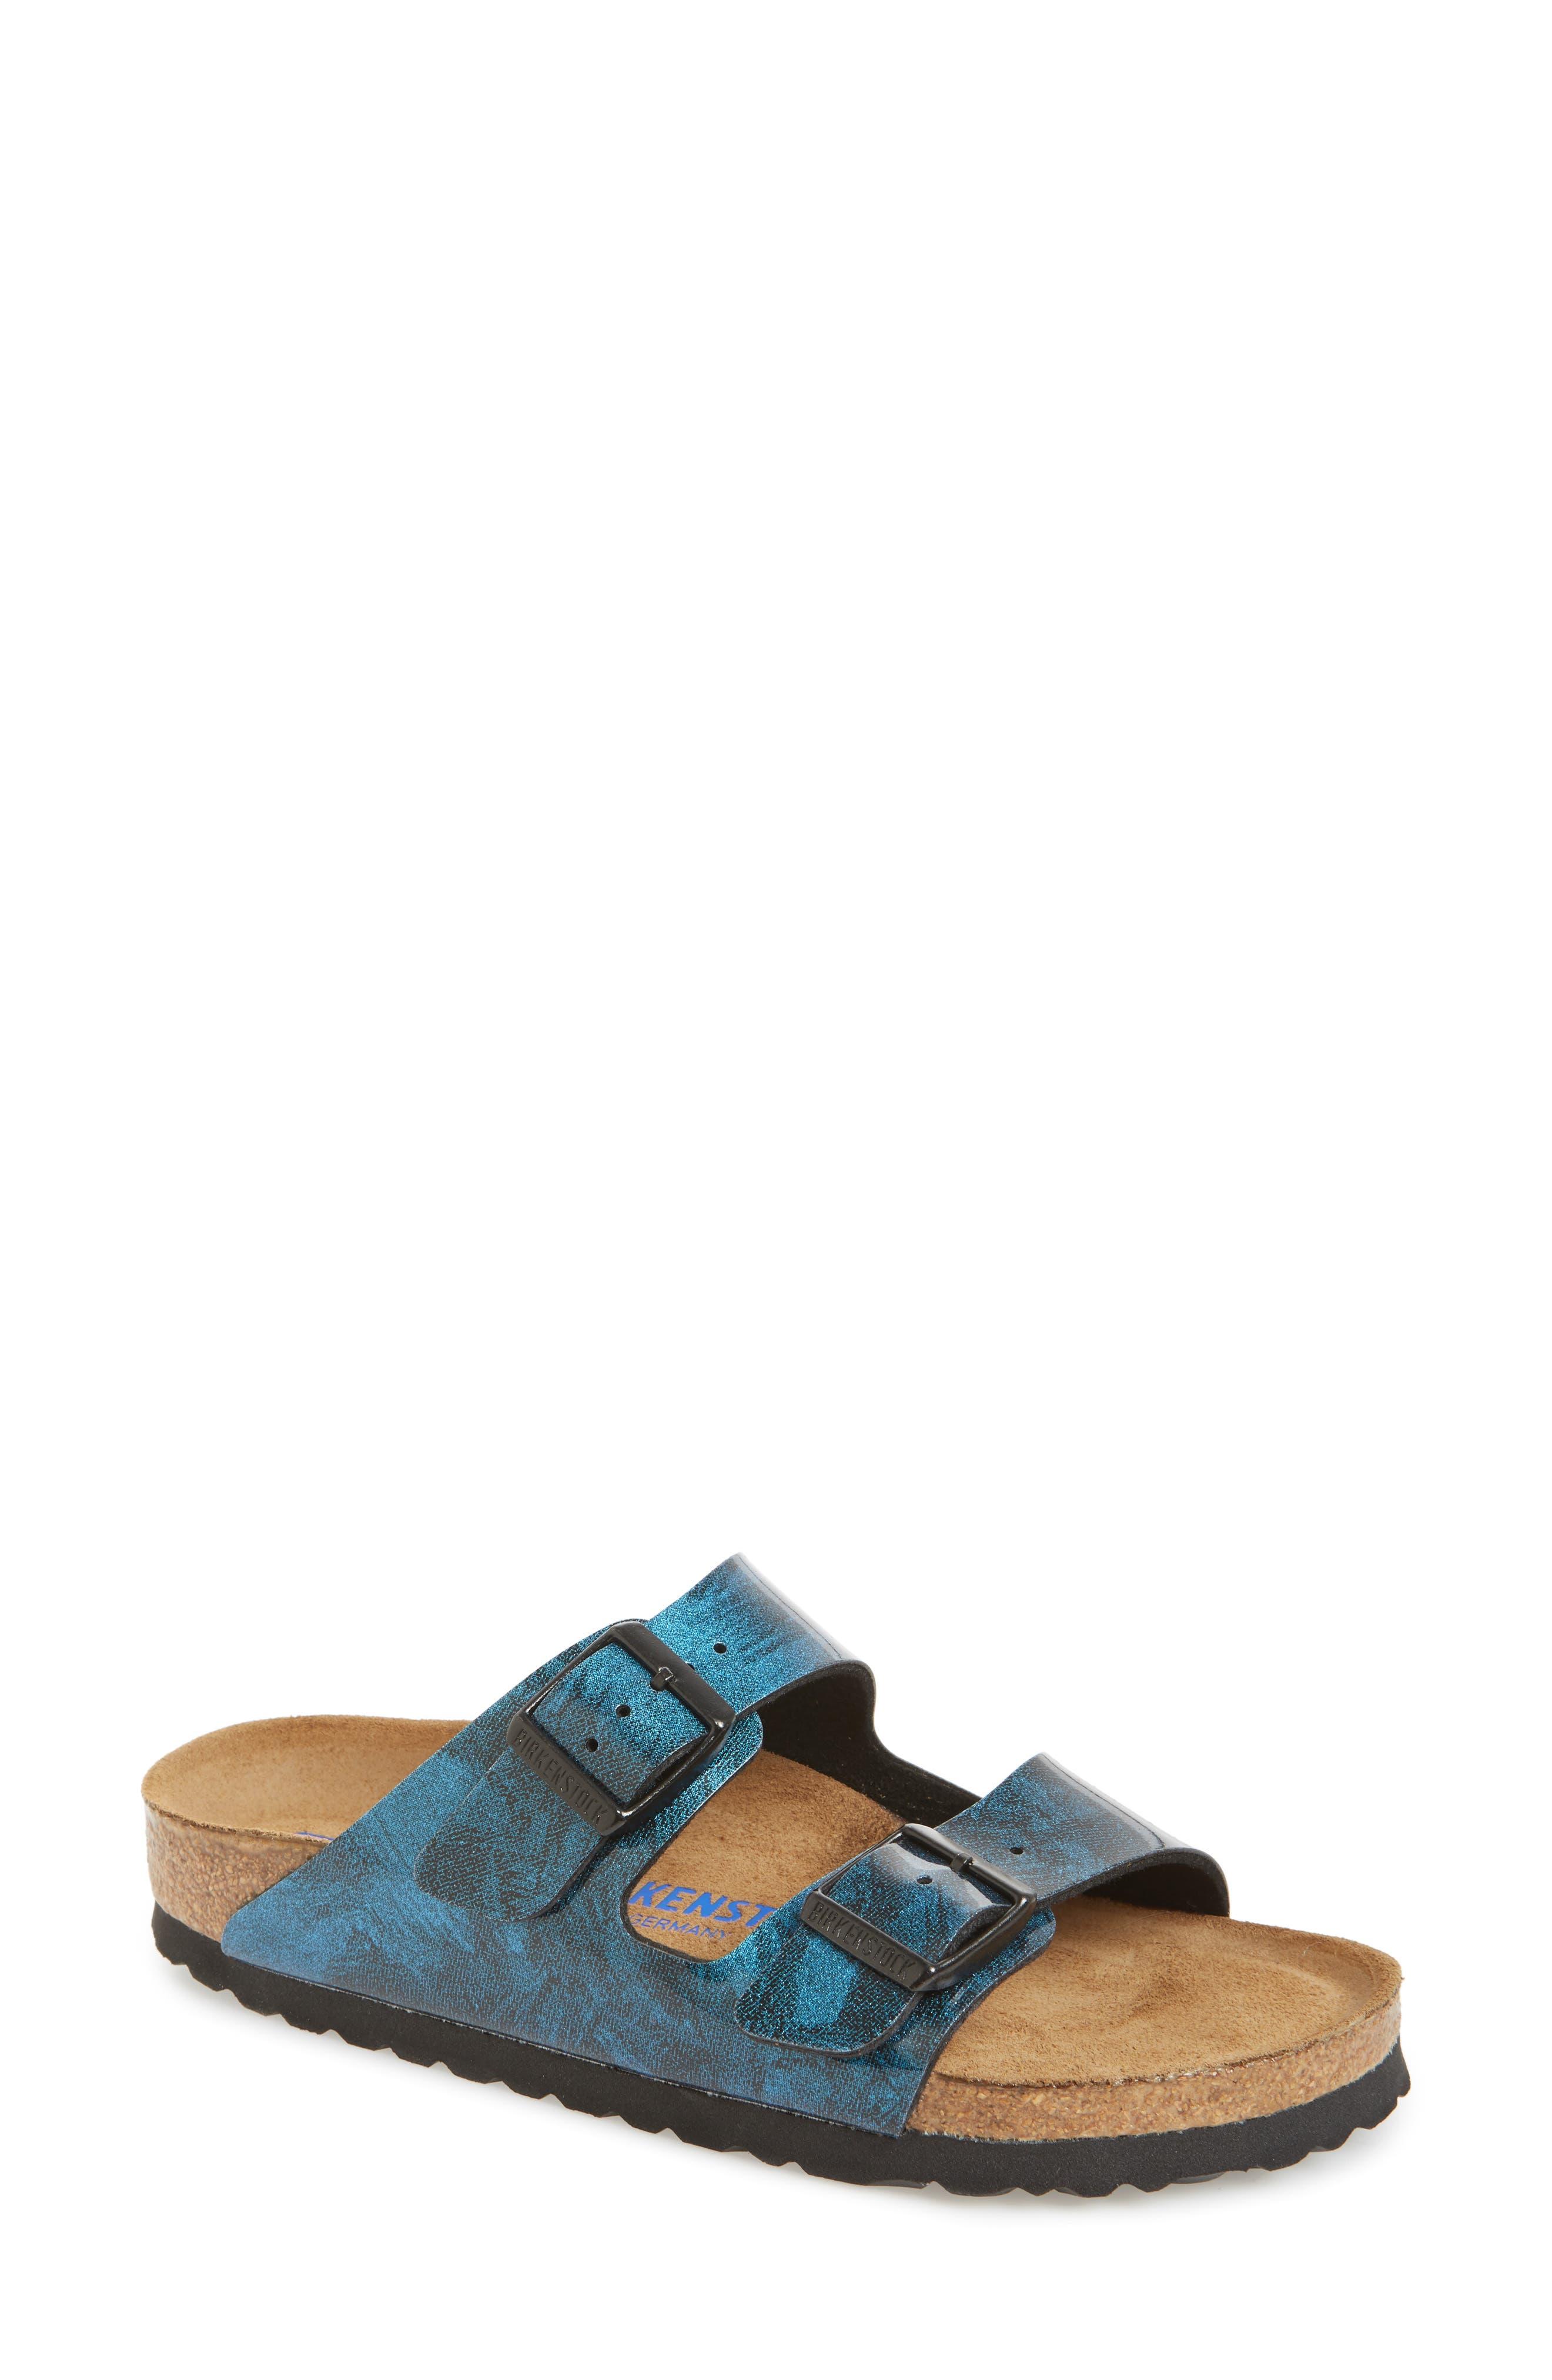 Arizona Birko-Flor Soft Footbed Sandal,                         Main,                         color, MILKY WAY BLUE